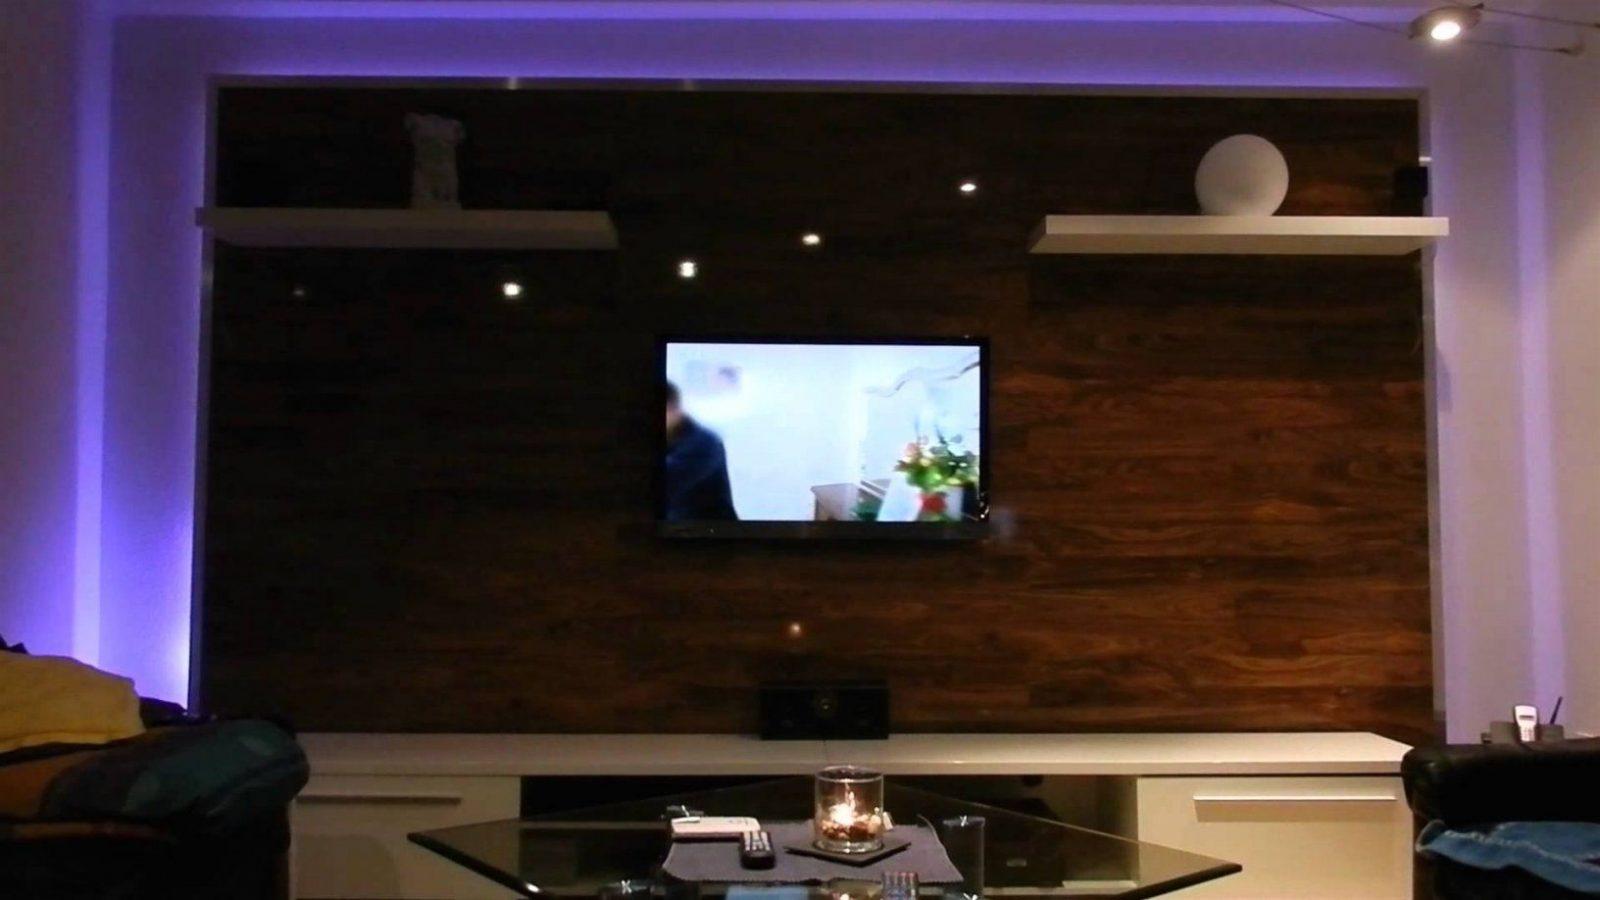 Zeitgenössisch Zuhause Layout Über Tv Wand Selber Bauen Laminat von Tv Wand Selber Bauen Laminat Photo